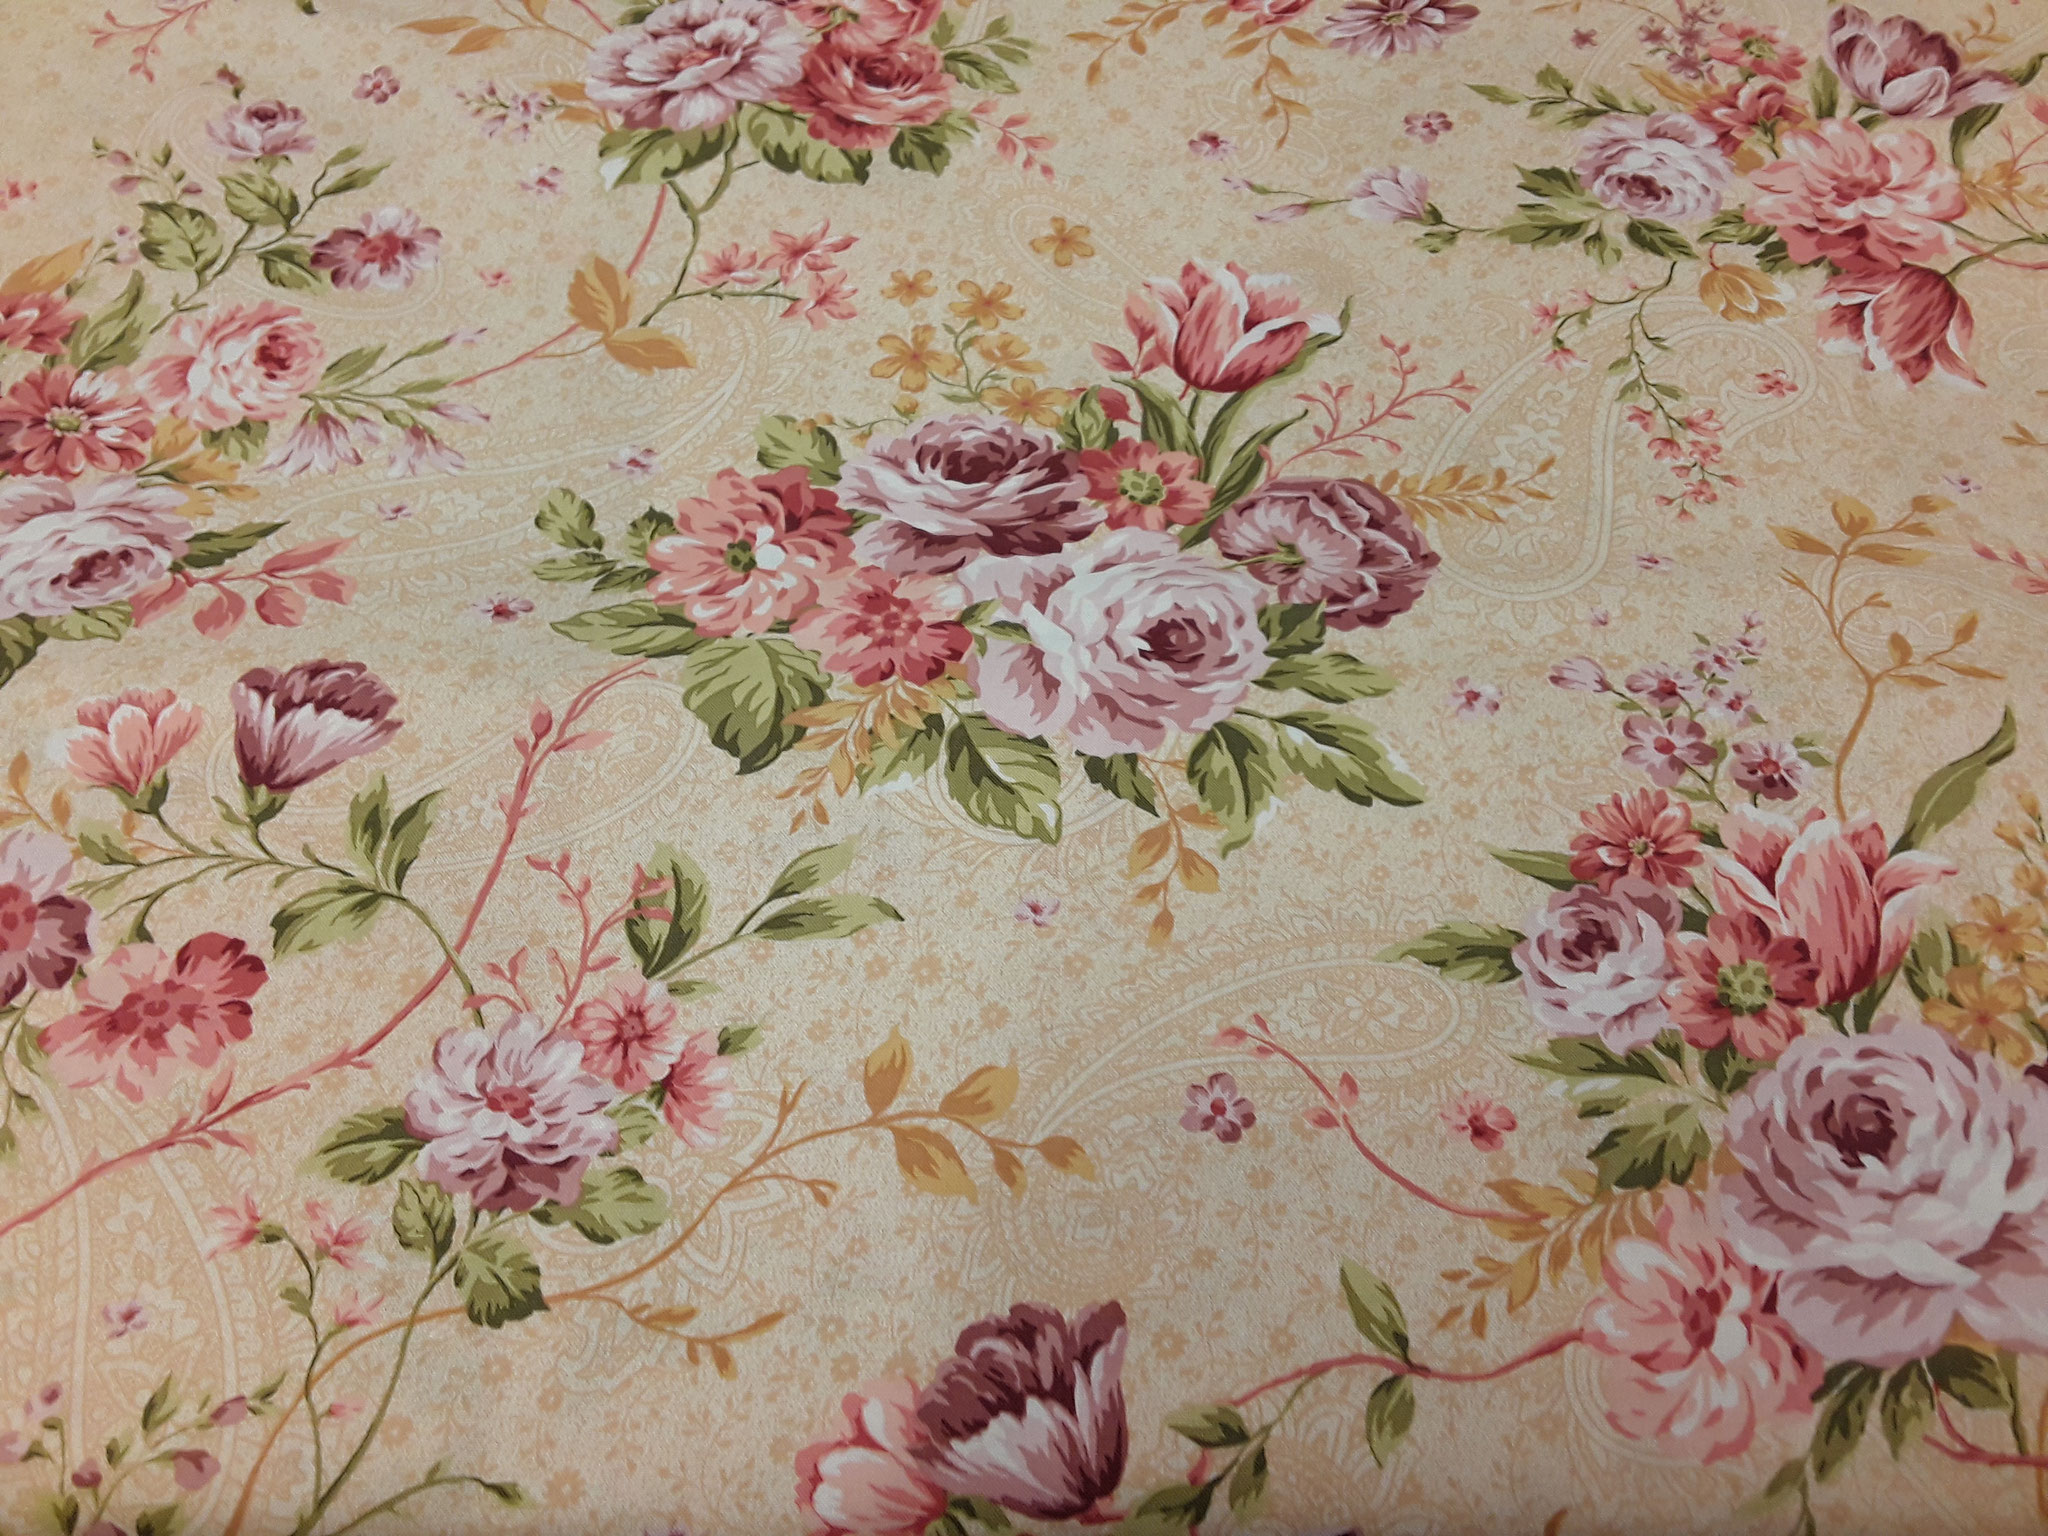 Baumwolle Blüten/ Blumen, vanillegelb, 110cm breit, 9.50€